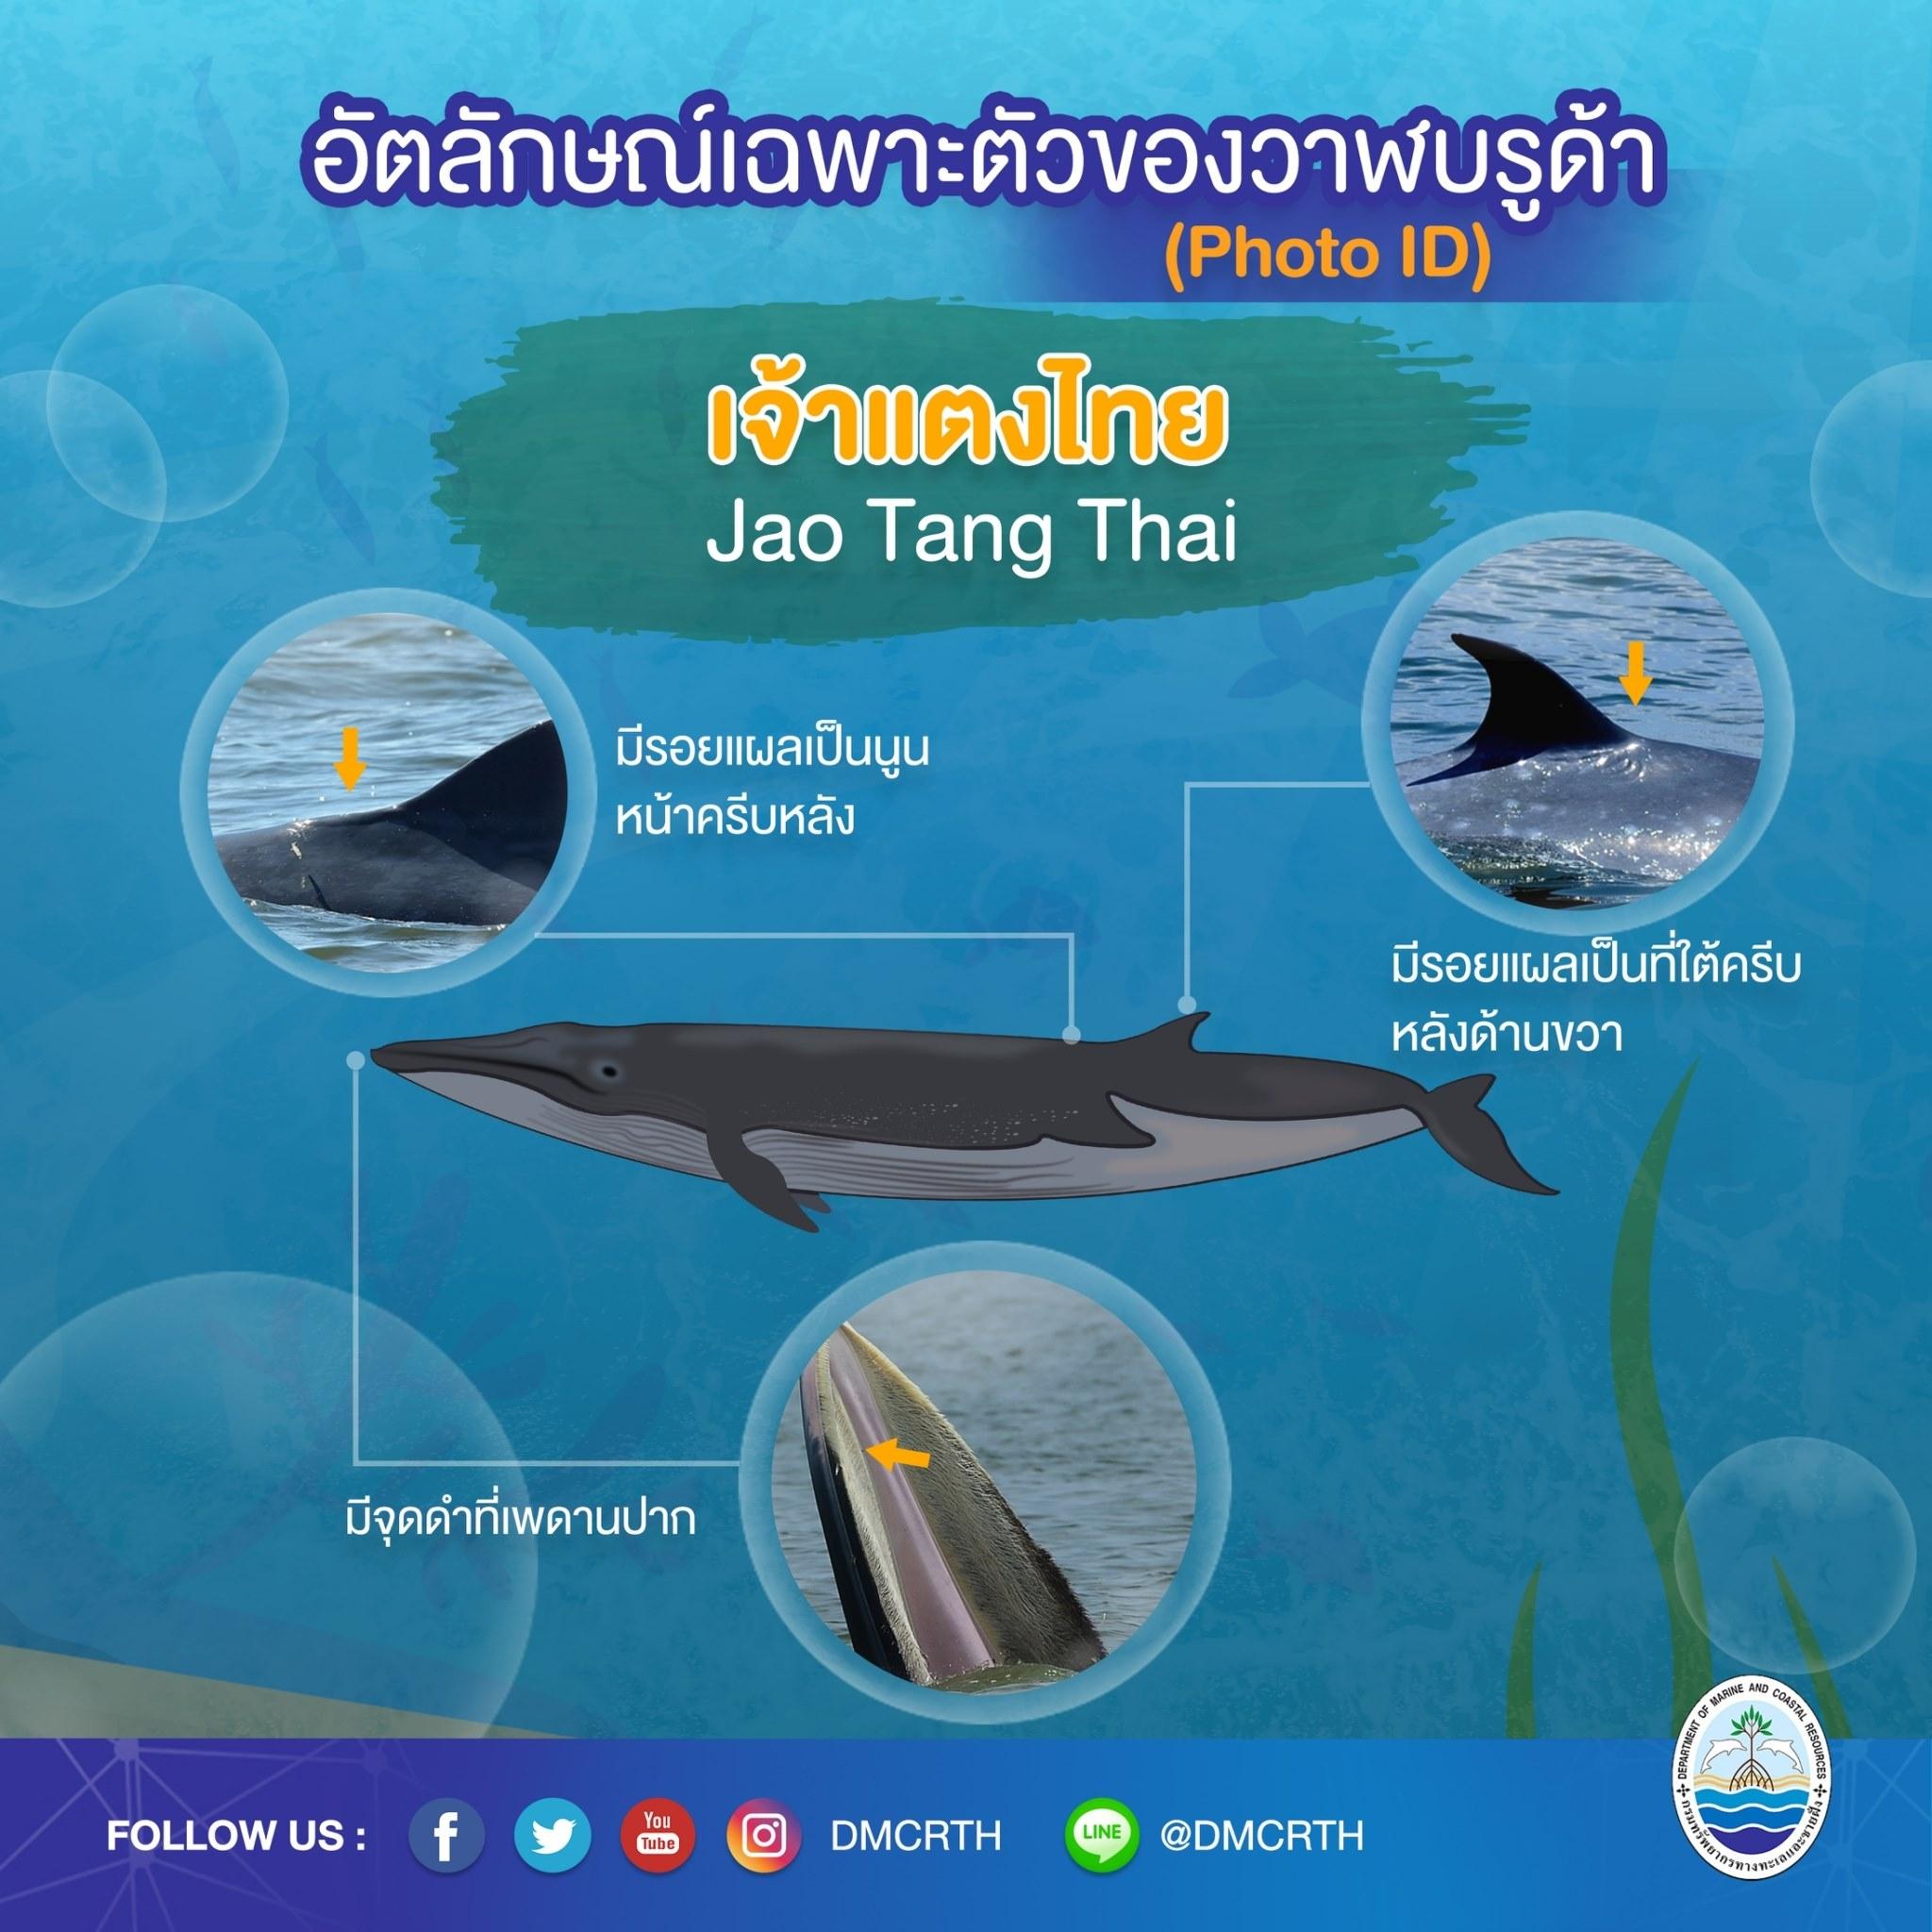 วันละวาฬ มารู้จัก ๖๐ วาฬบรูด้าในน่านน้ำไทย #๖ เจ้าแตงไทย